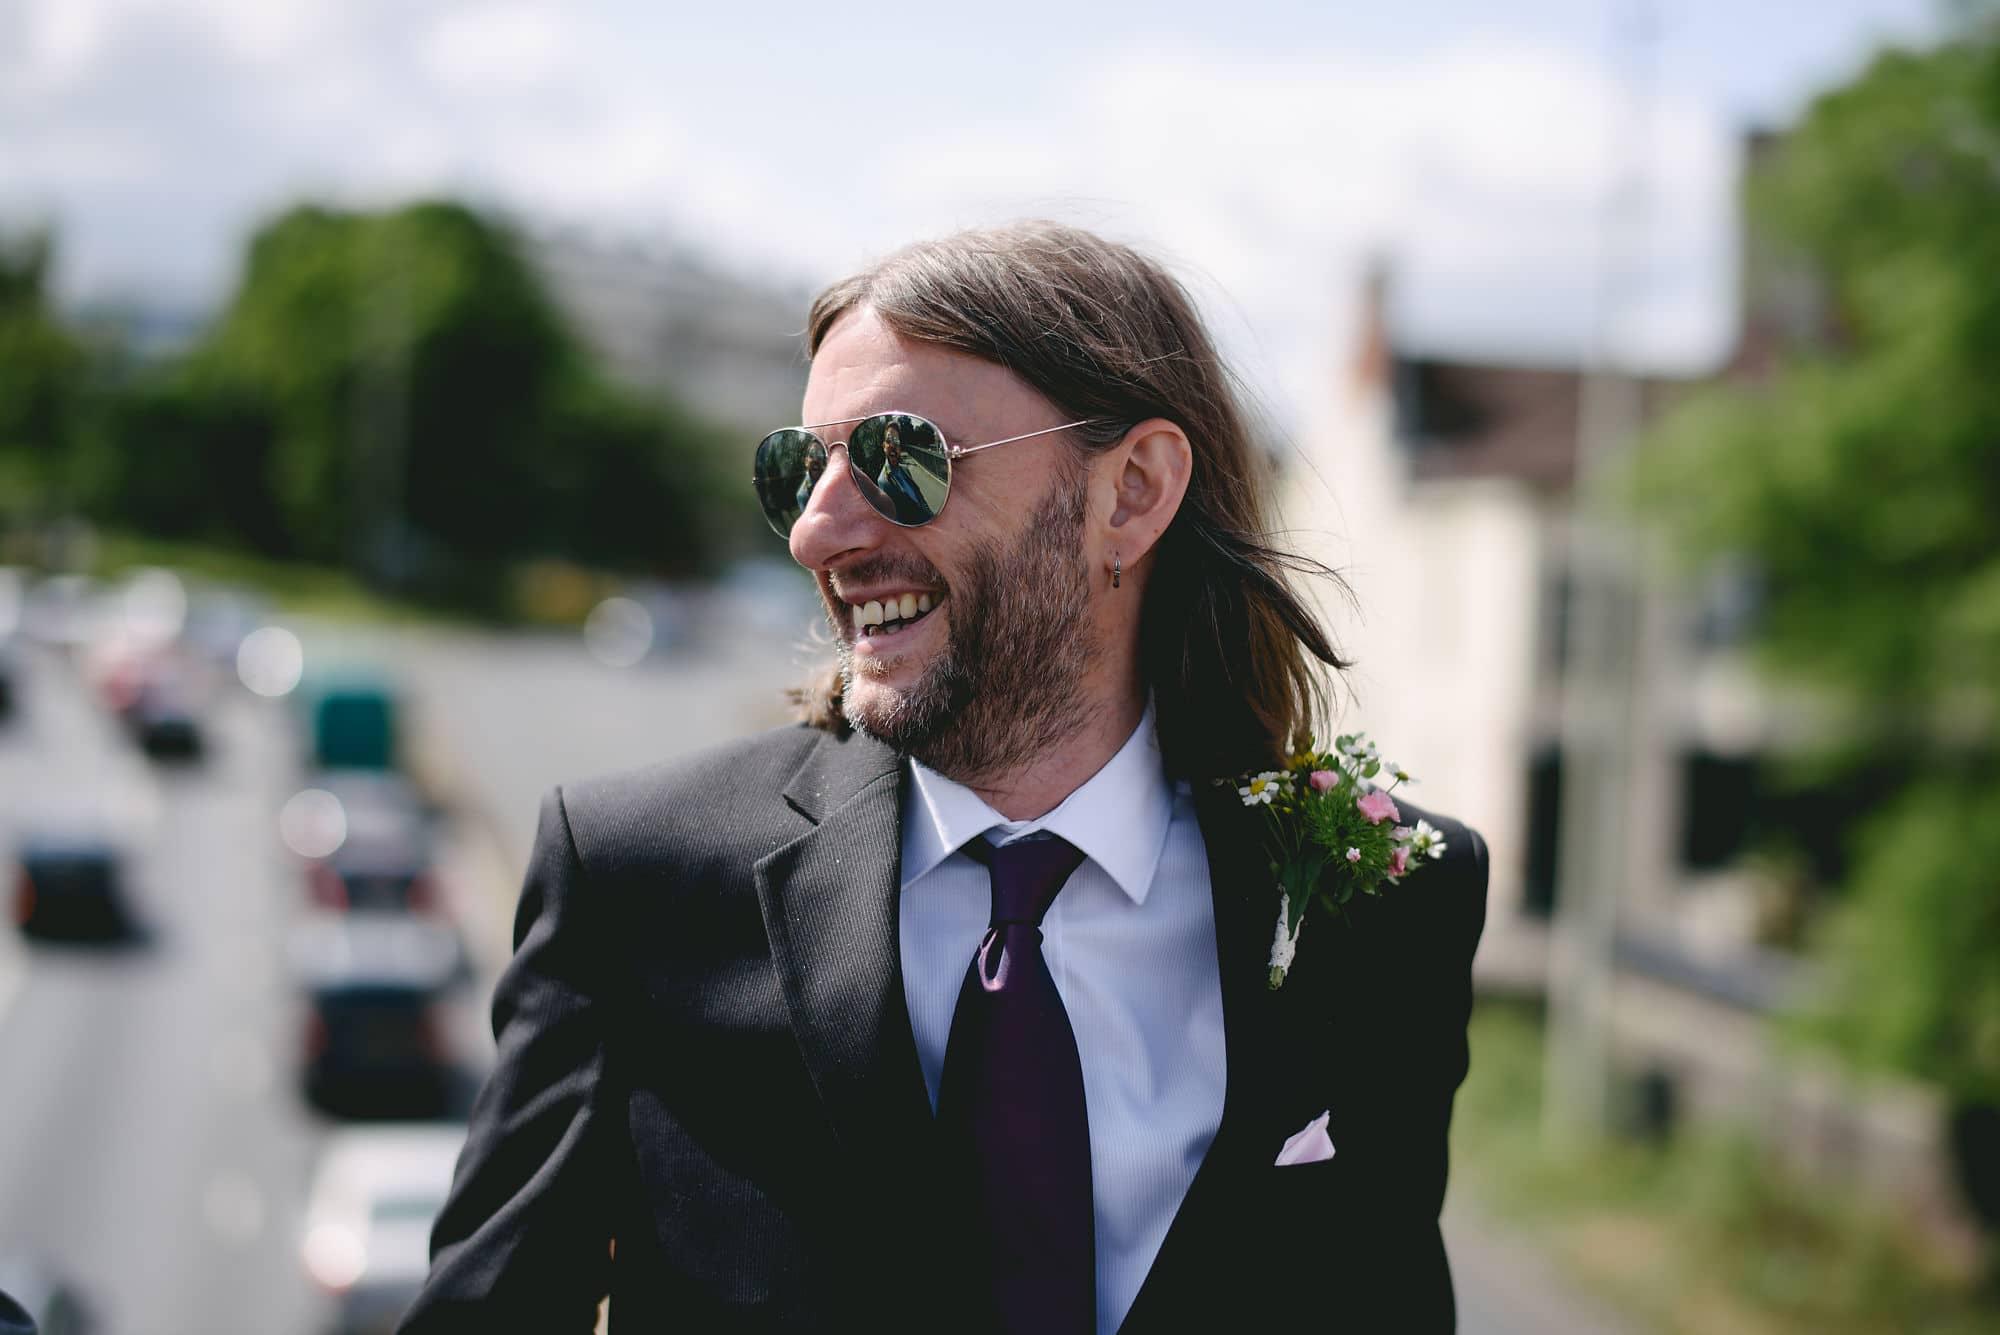 geldeston-locks-norfolk-wedding-1